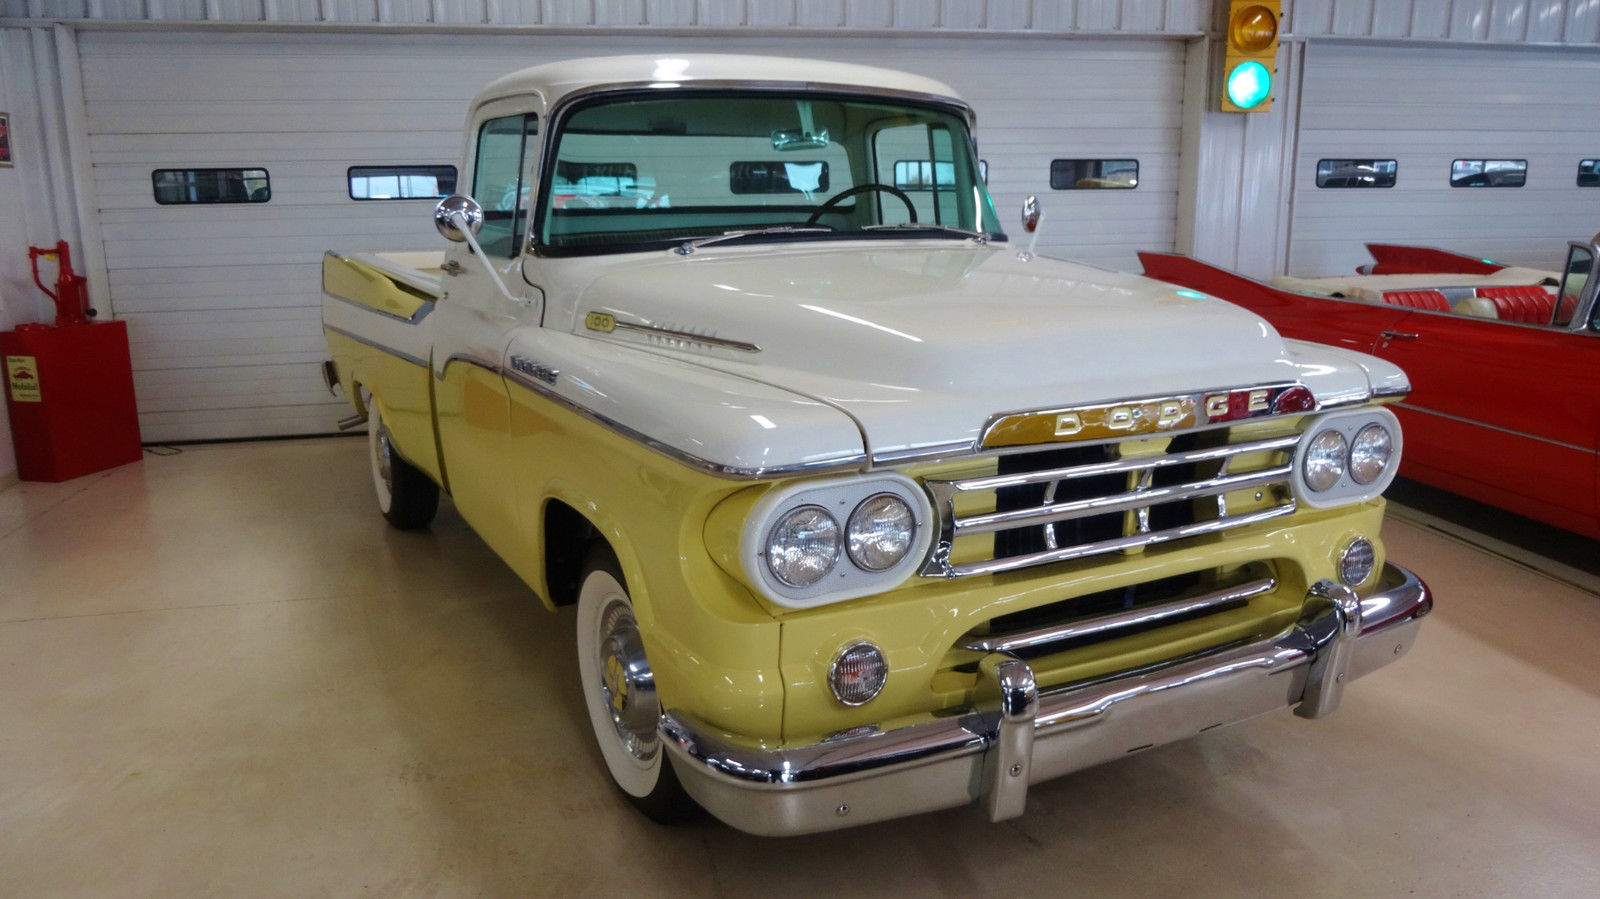 Super Clean Dodge Pickups Vintage For Sale on 1968 Dodge Power Wagon